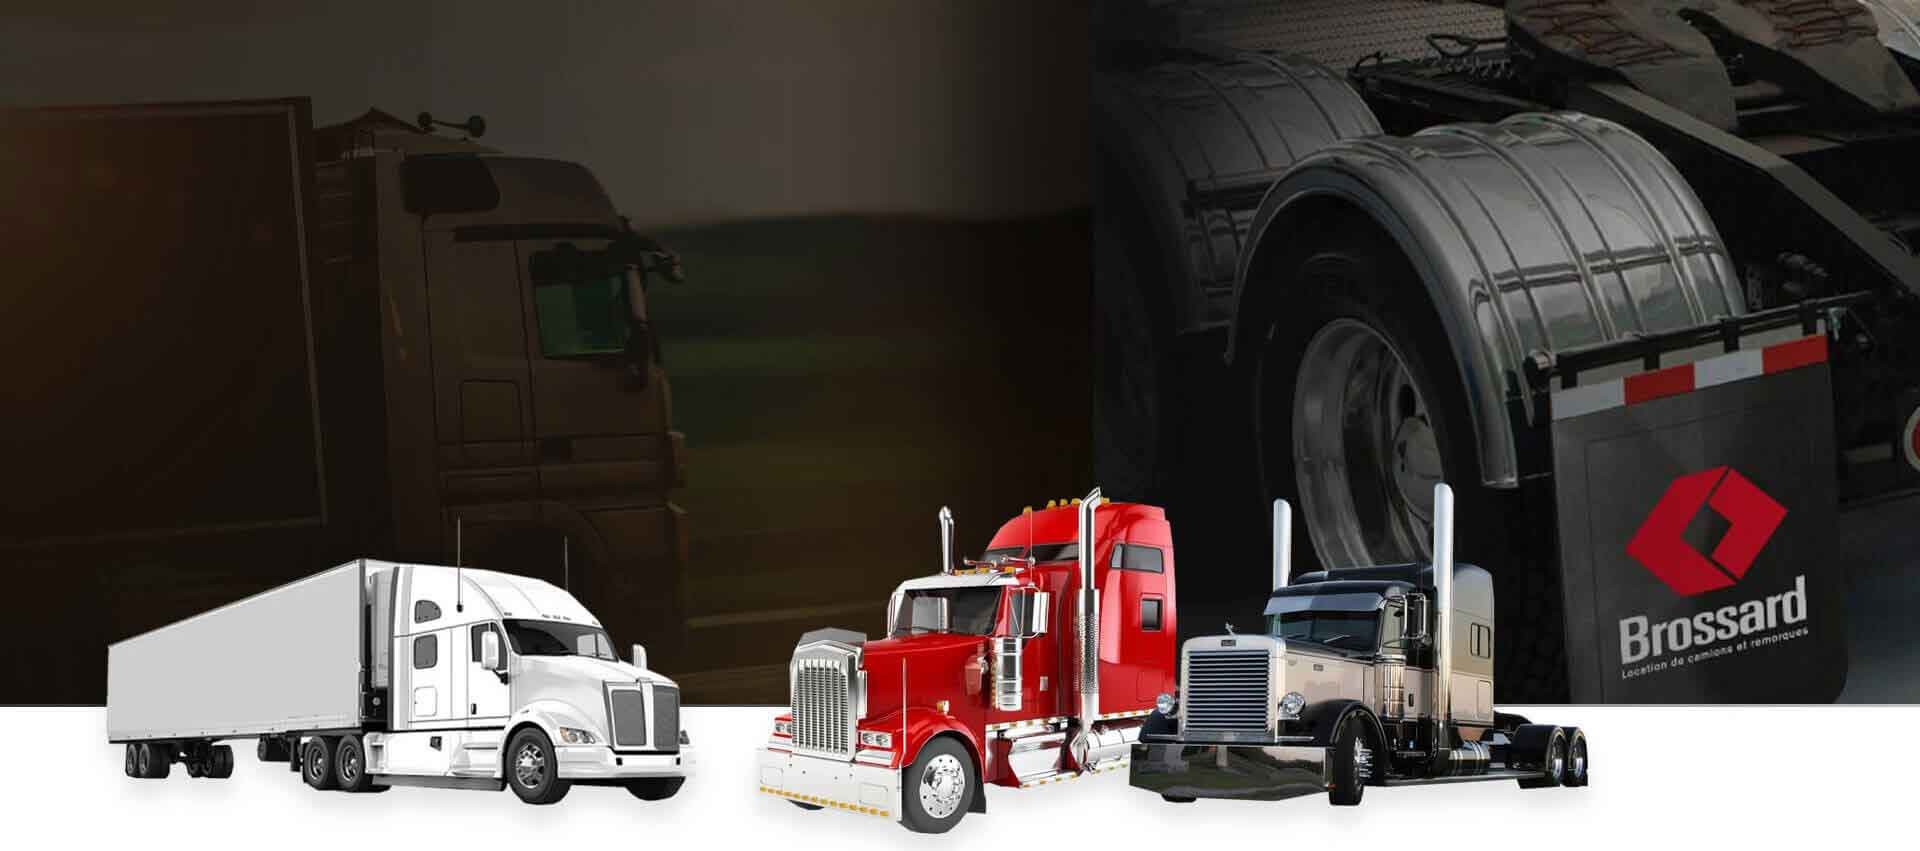 Garde-boue de camion